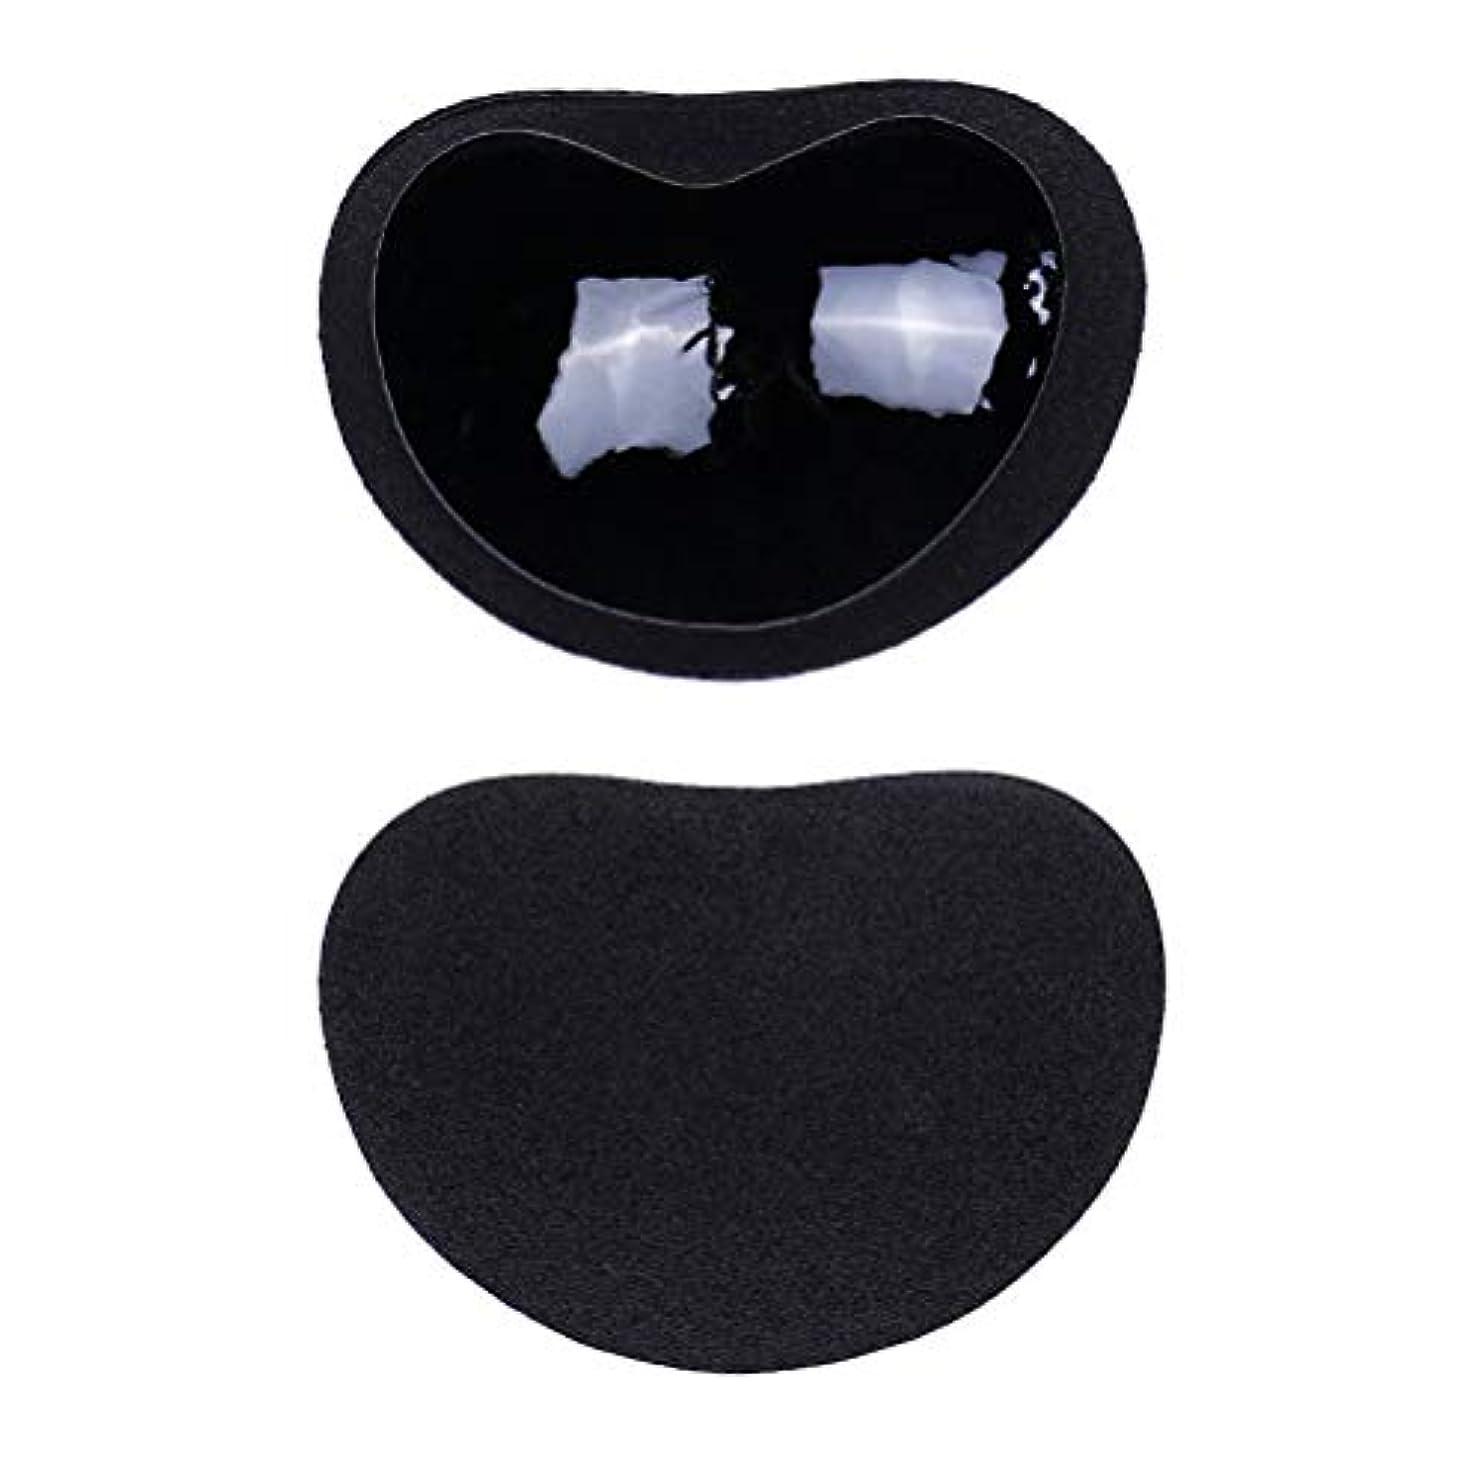 パールラジエーター電極Healifty ストラップレス付箋ブラ見えない乳首カバー(ブラック)